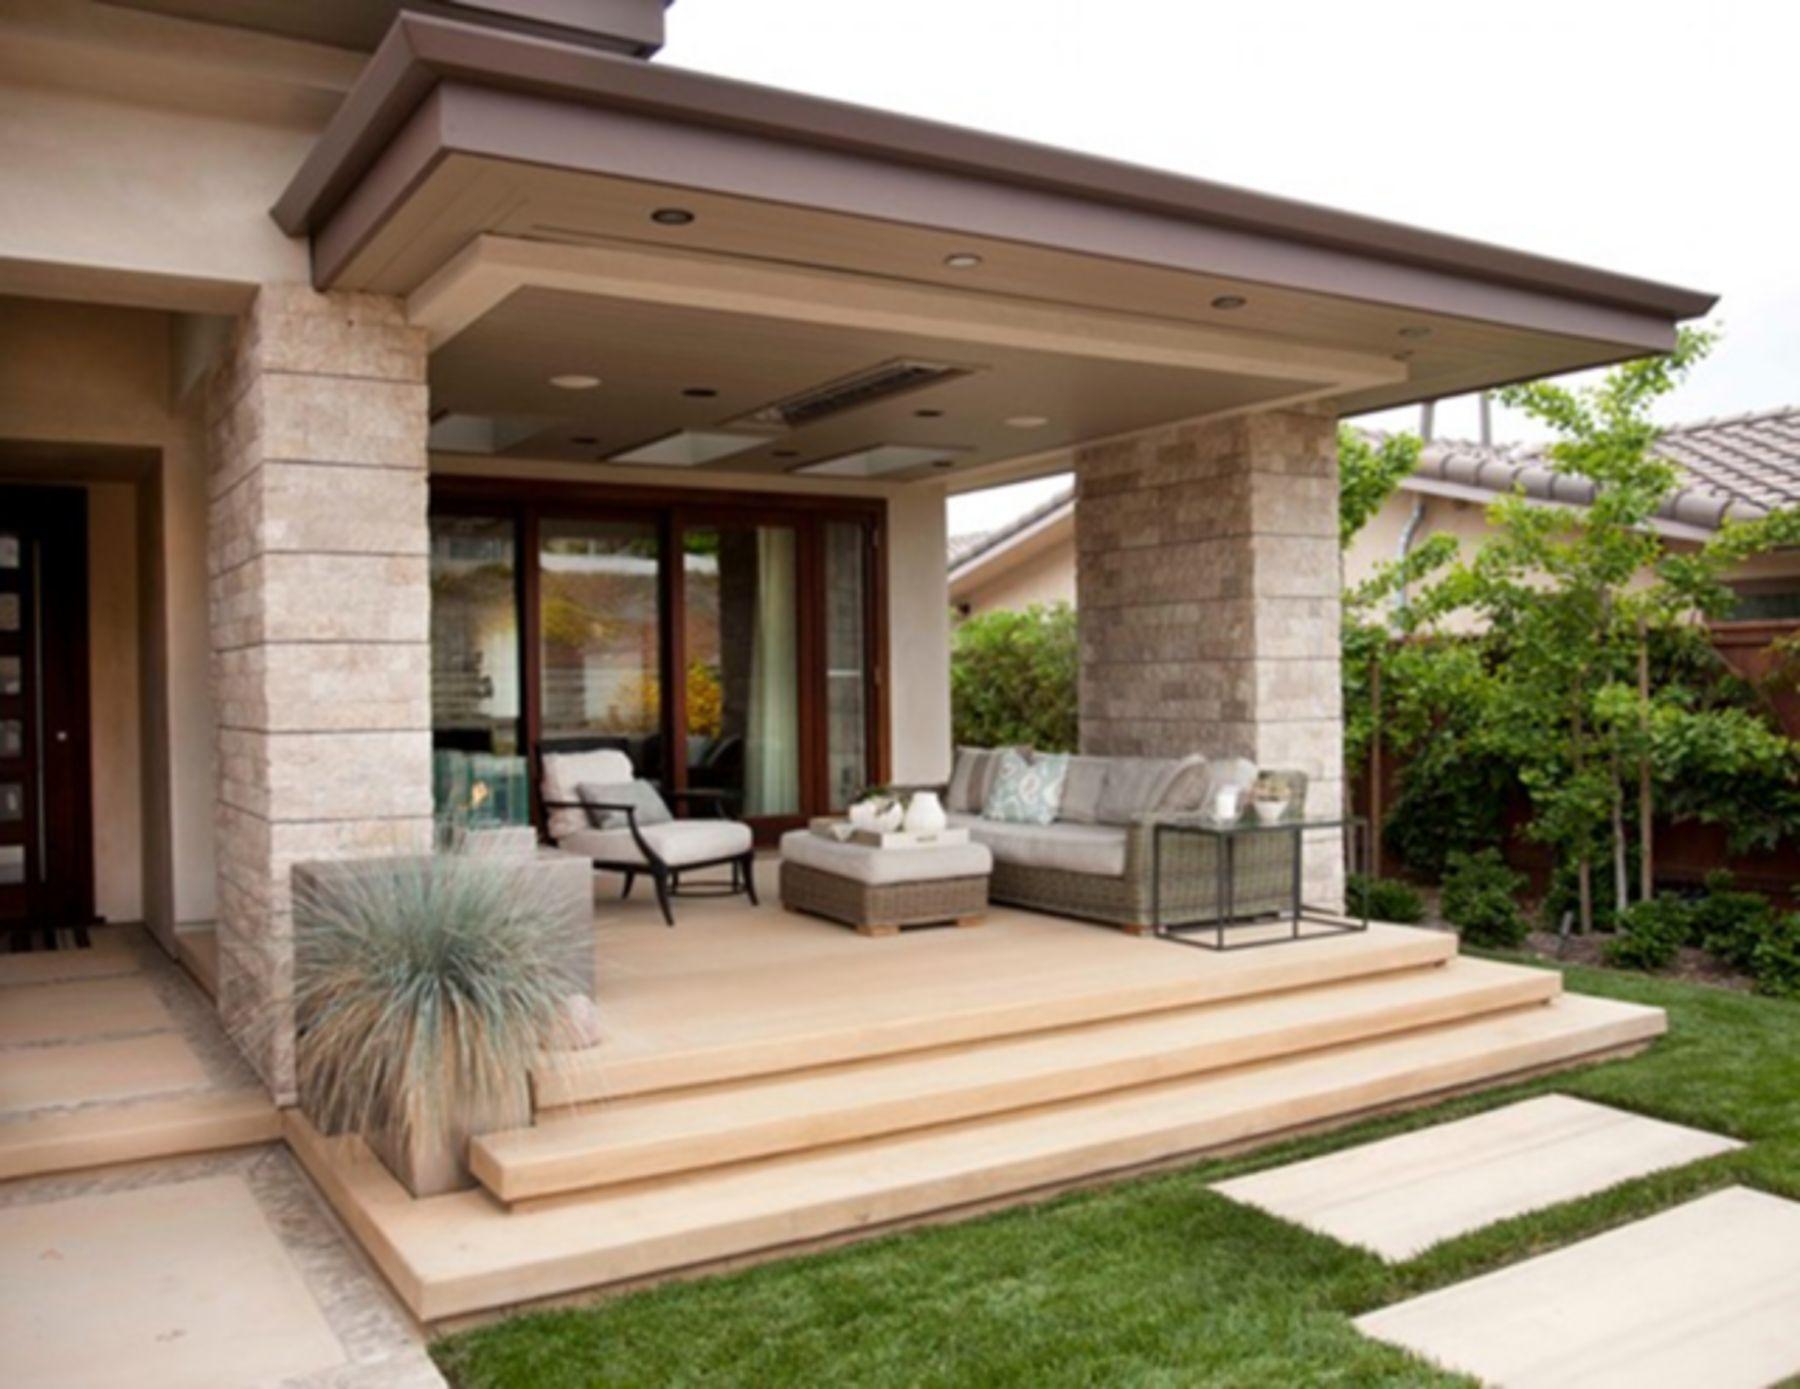 39+ Porche casas modernas inspirations